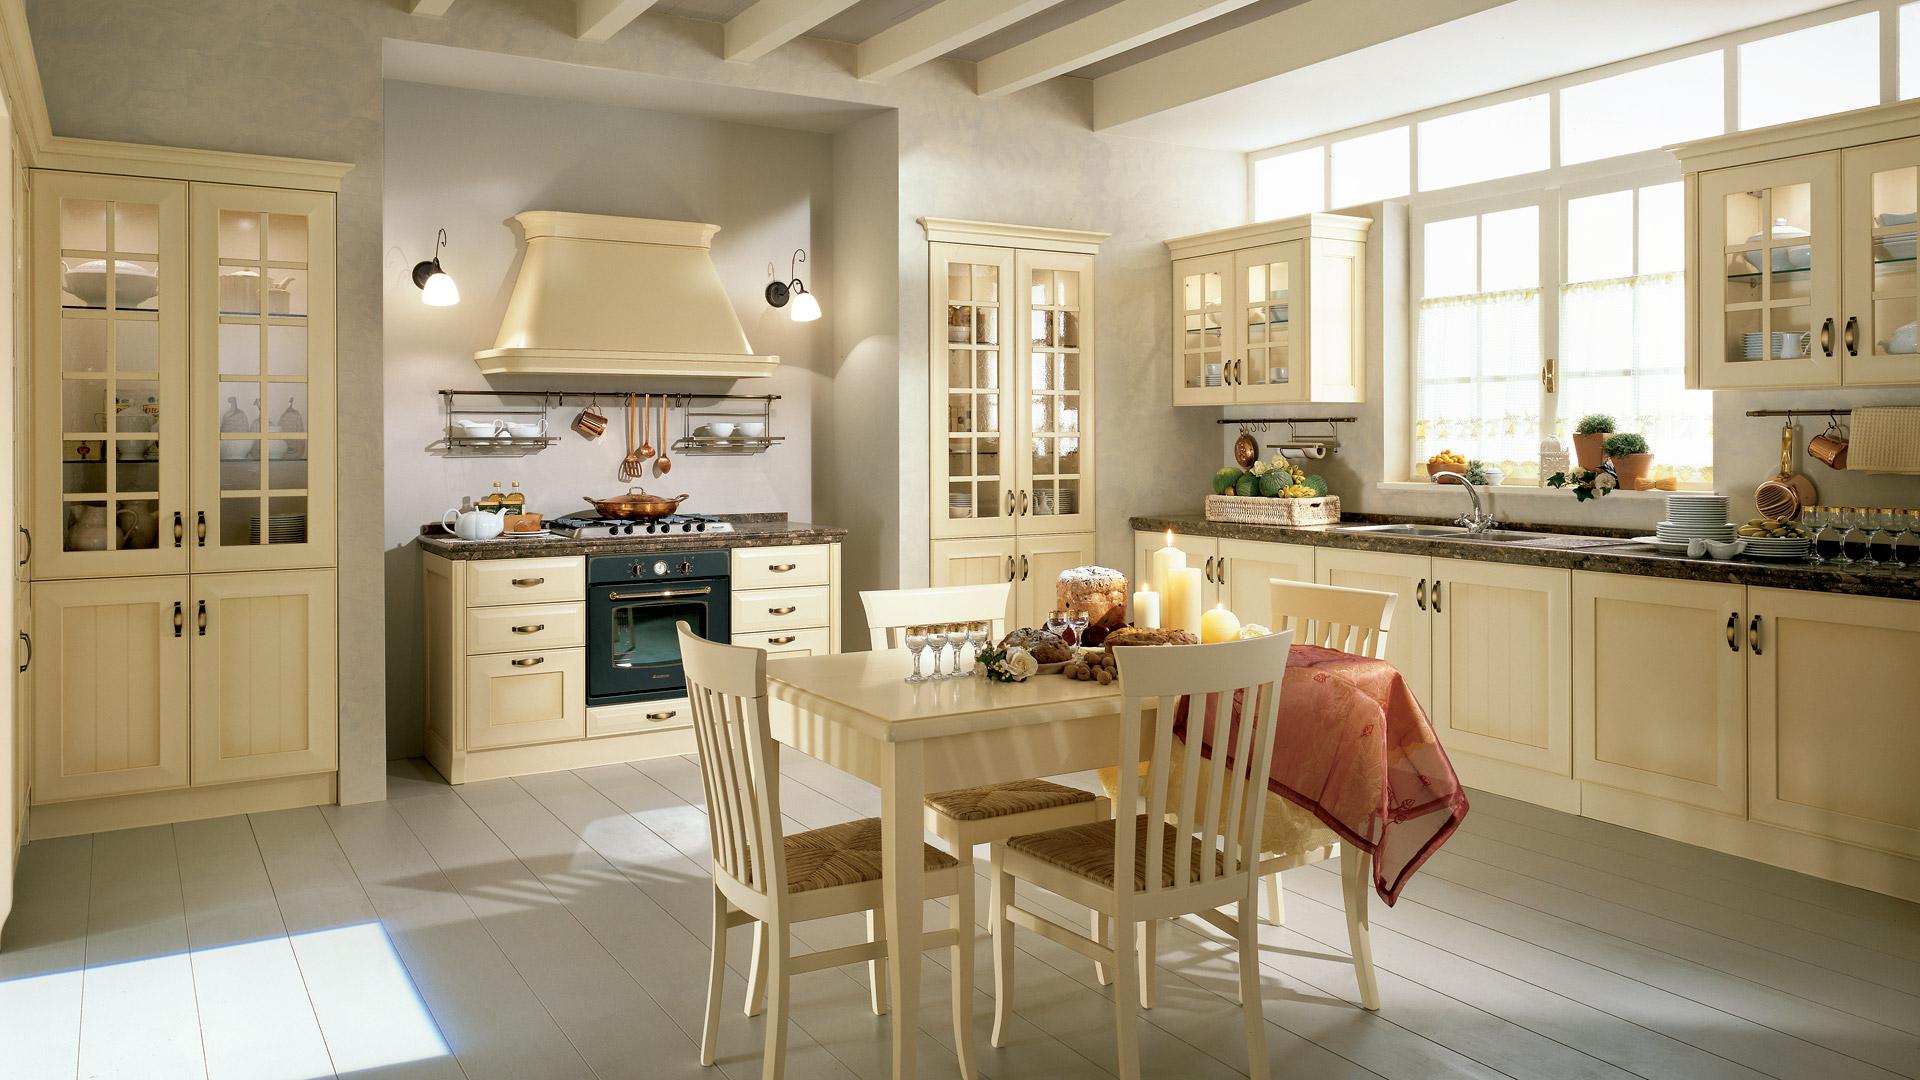 Cucina Classica Lube Velia - Arredamenti Lupo